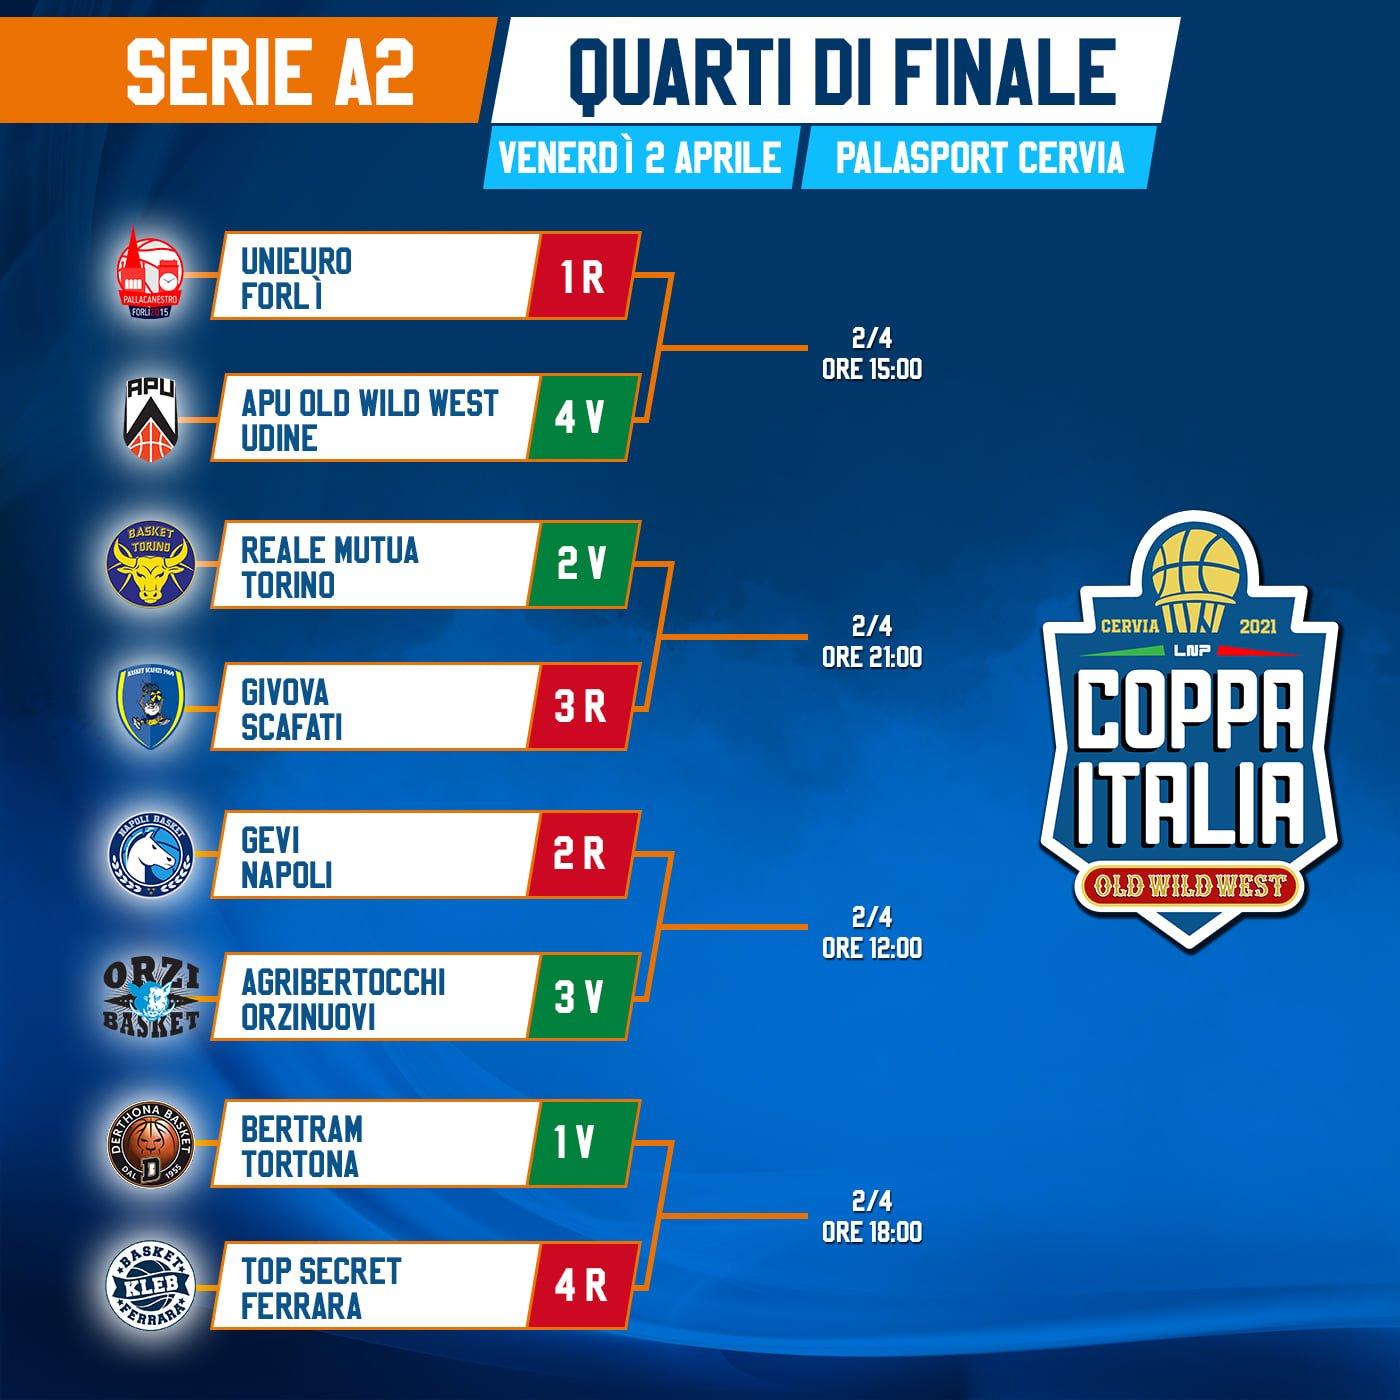 Coppa Italia Serie A2, tutto quel che c'è da sapere #2 – le teste di serie